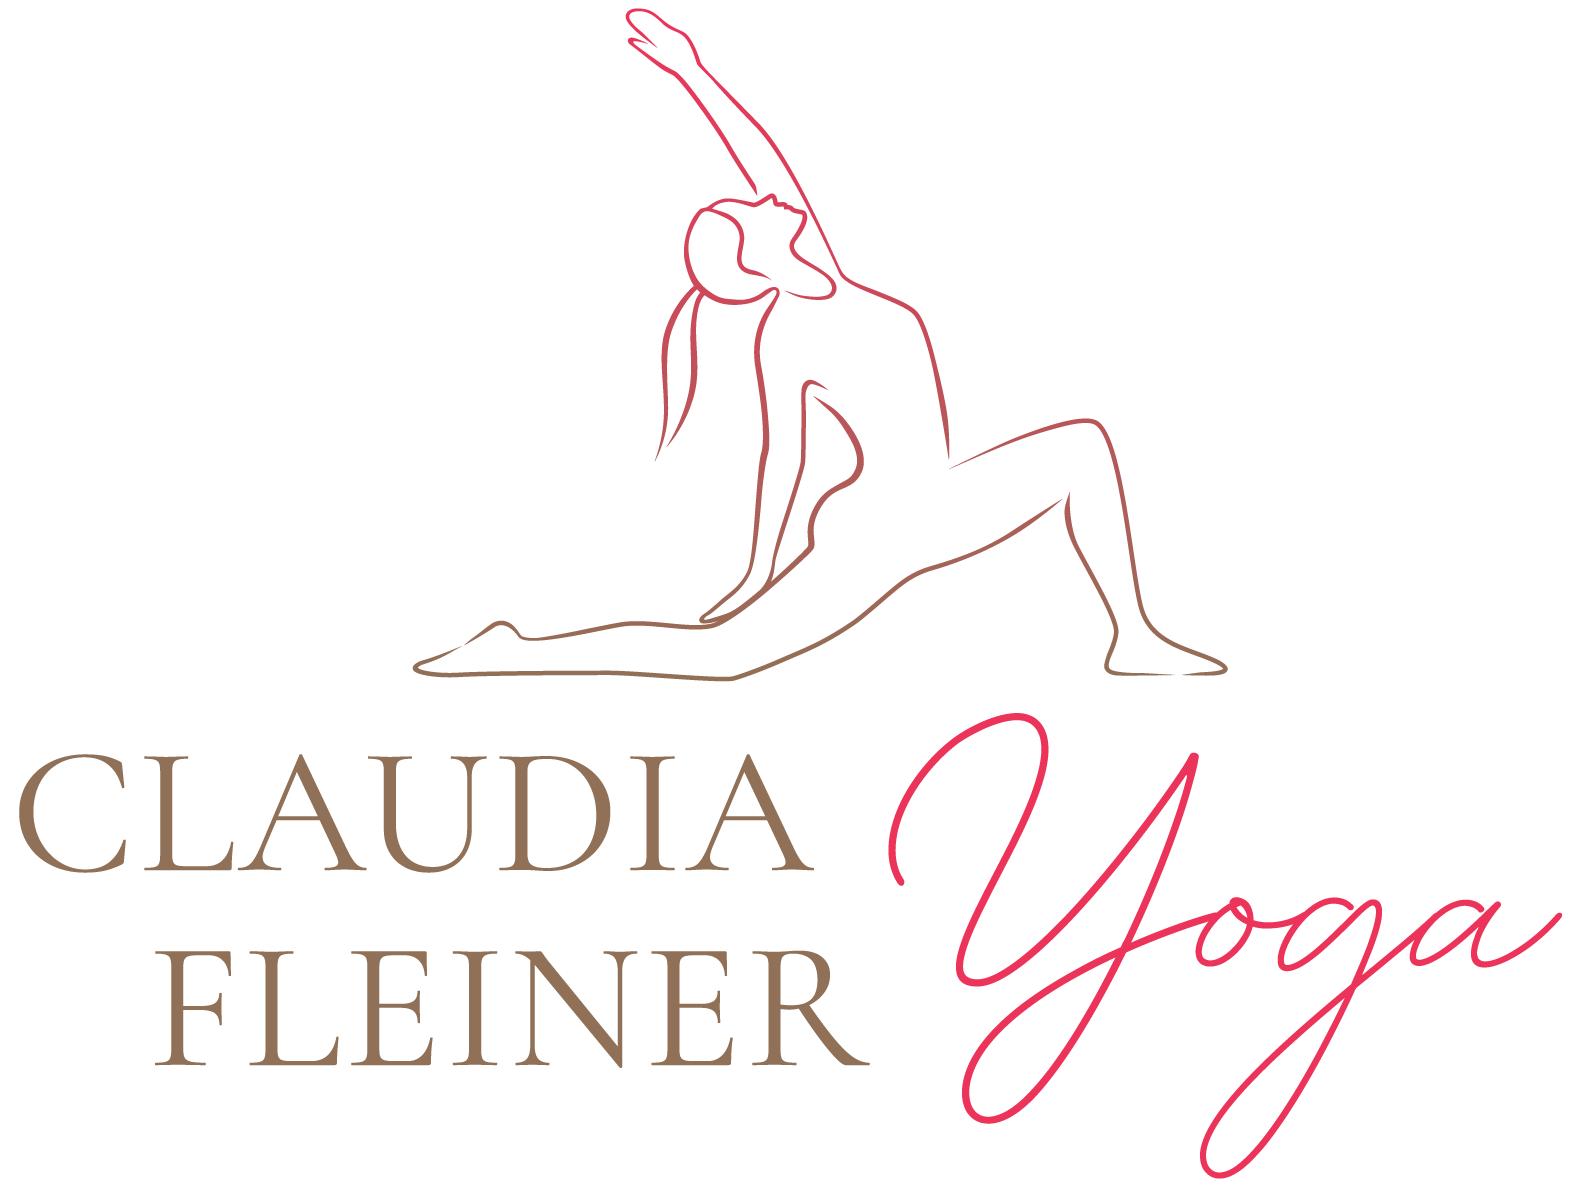 Claudia Fleiner Yoga